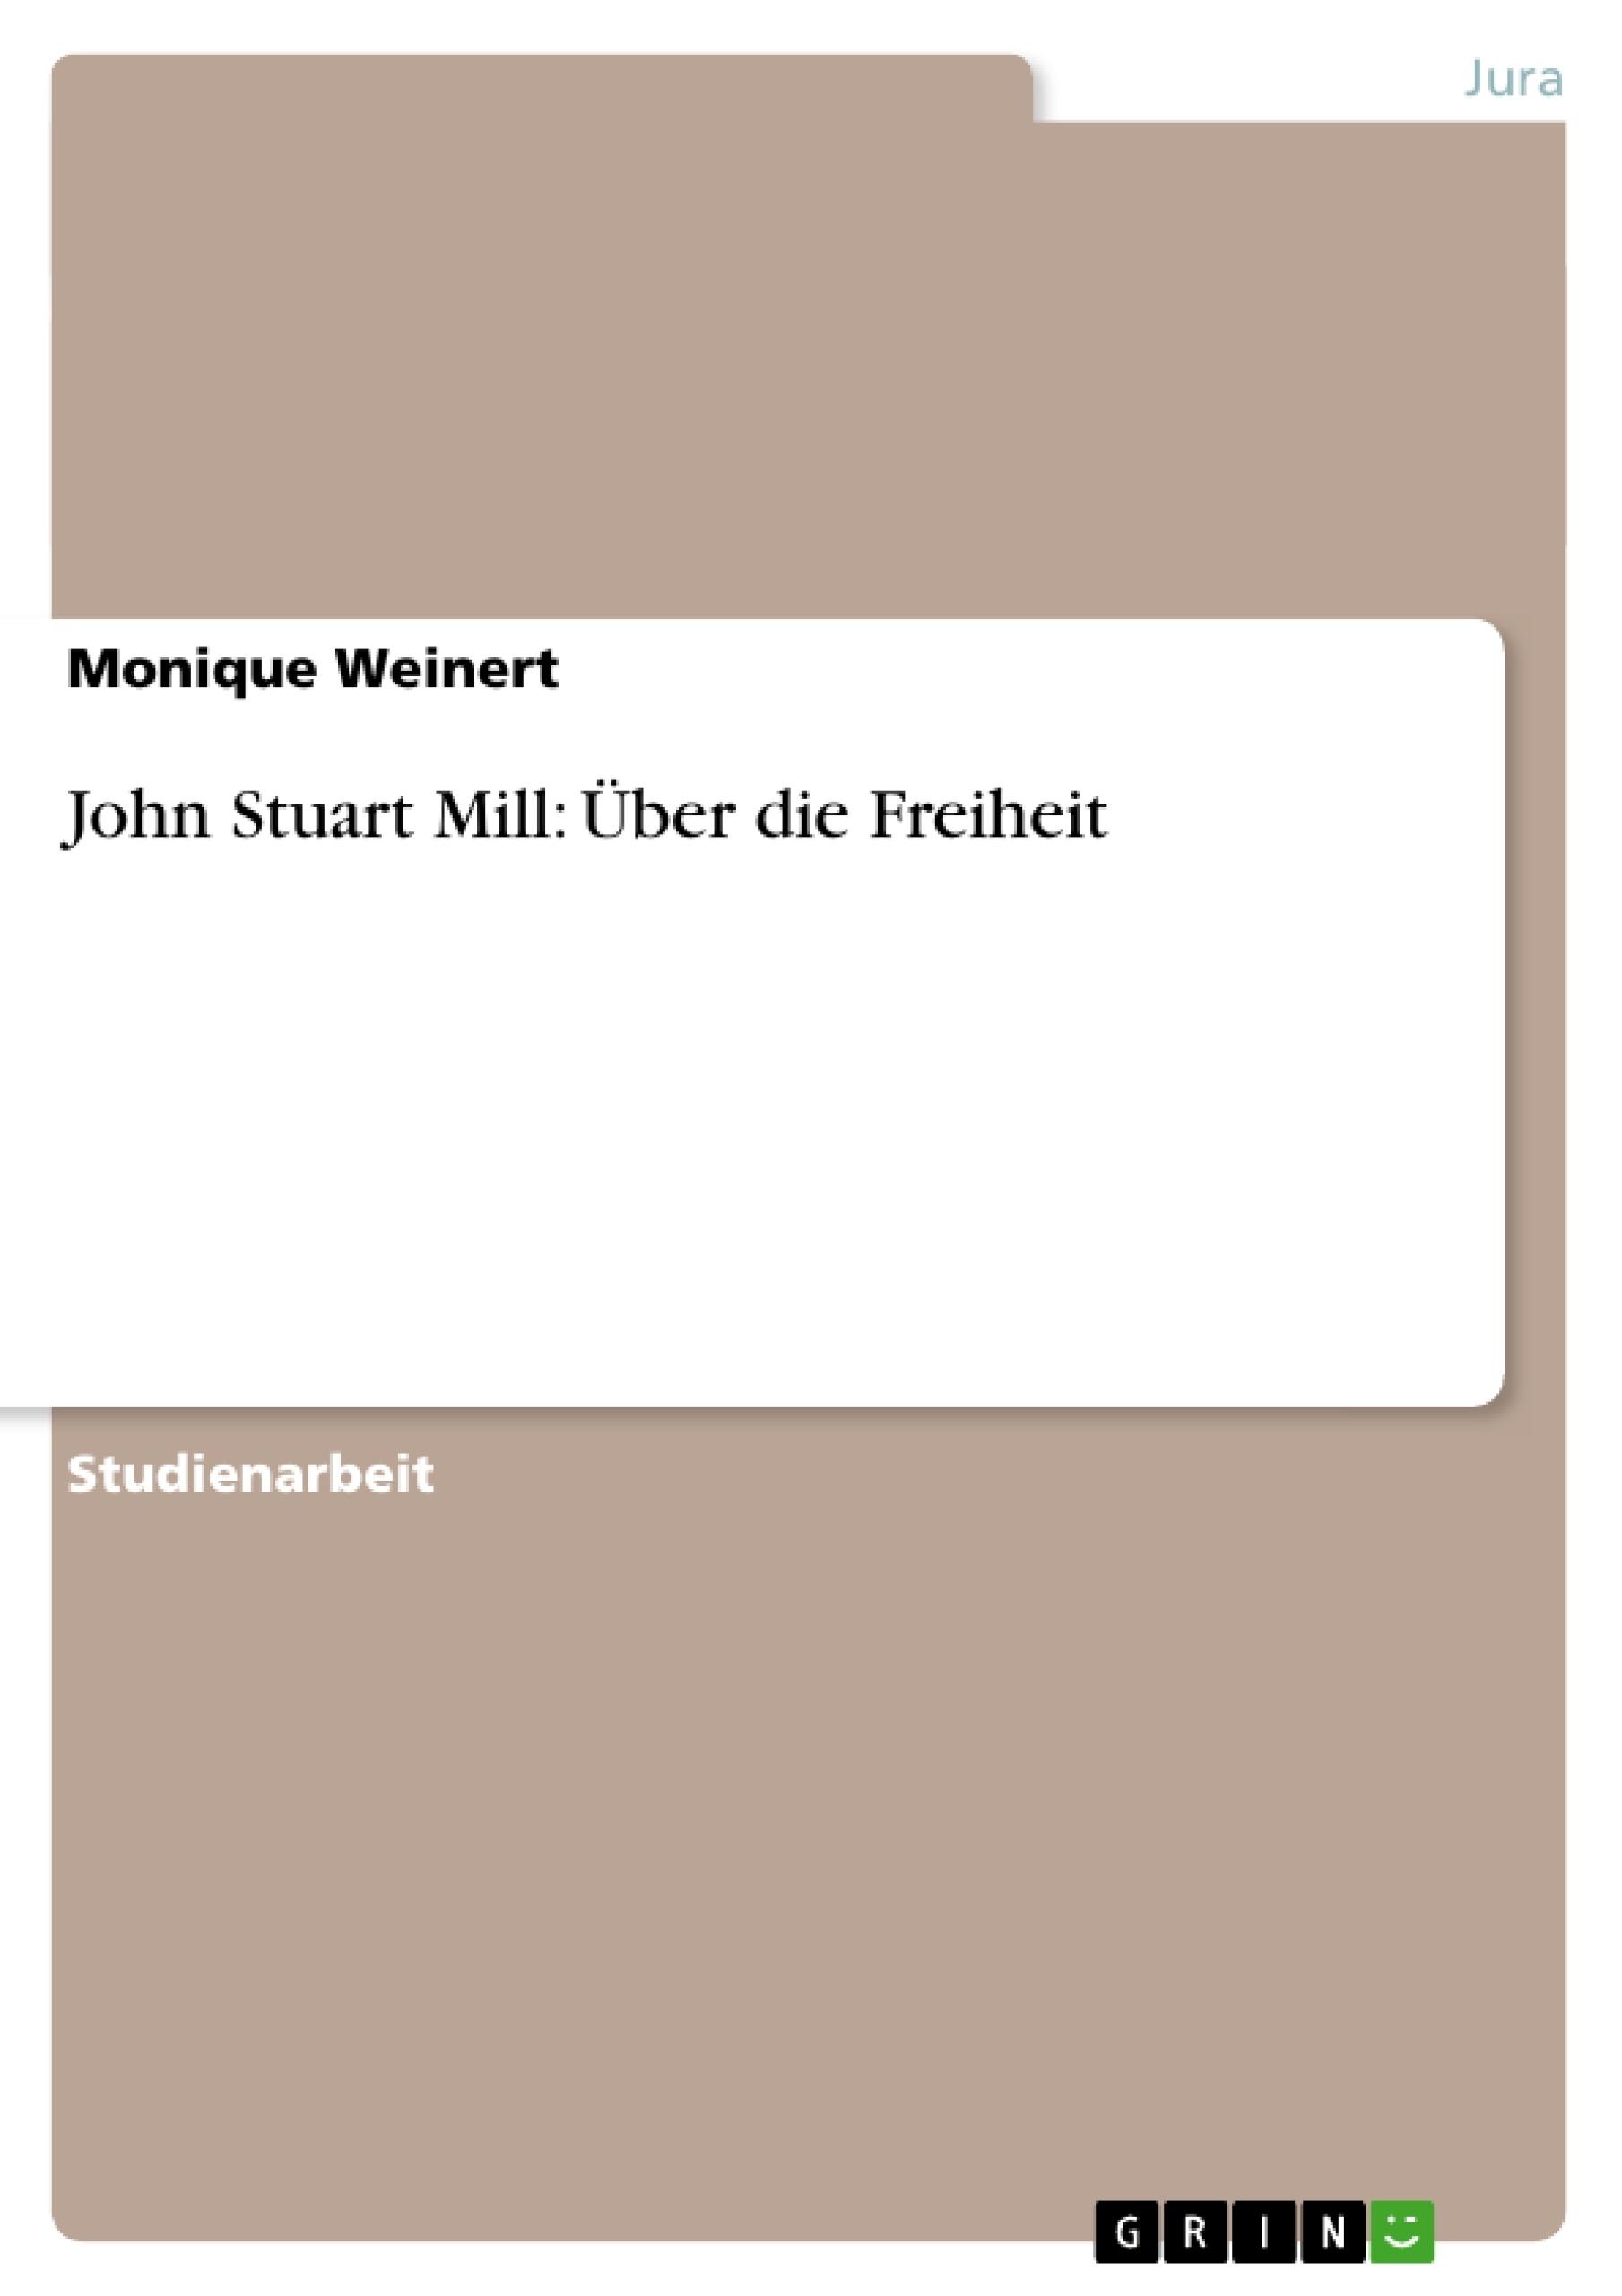 Titel: John Stuart Mill: Über die Freiheit